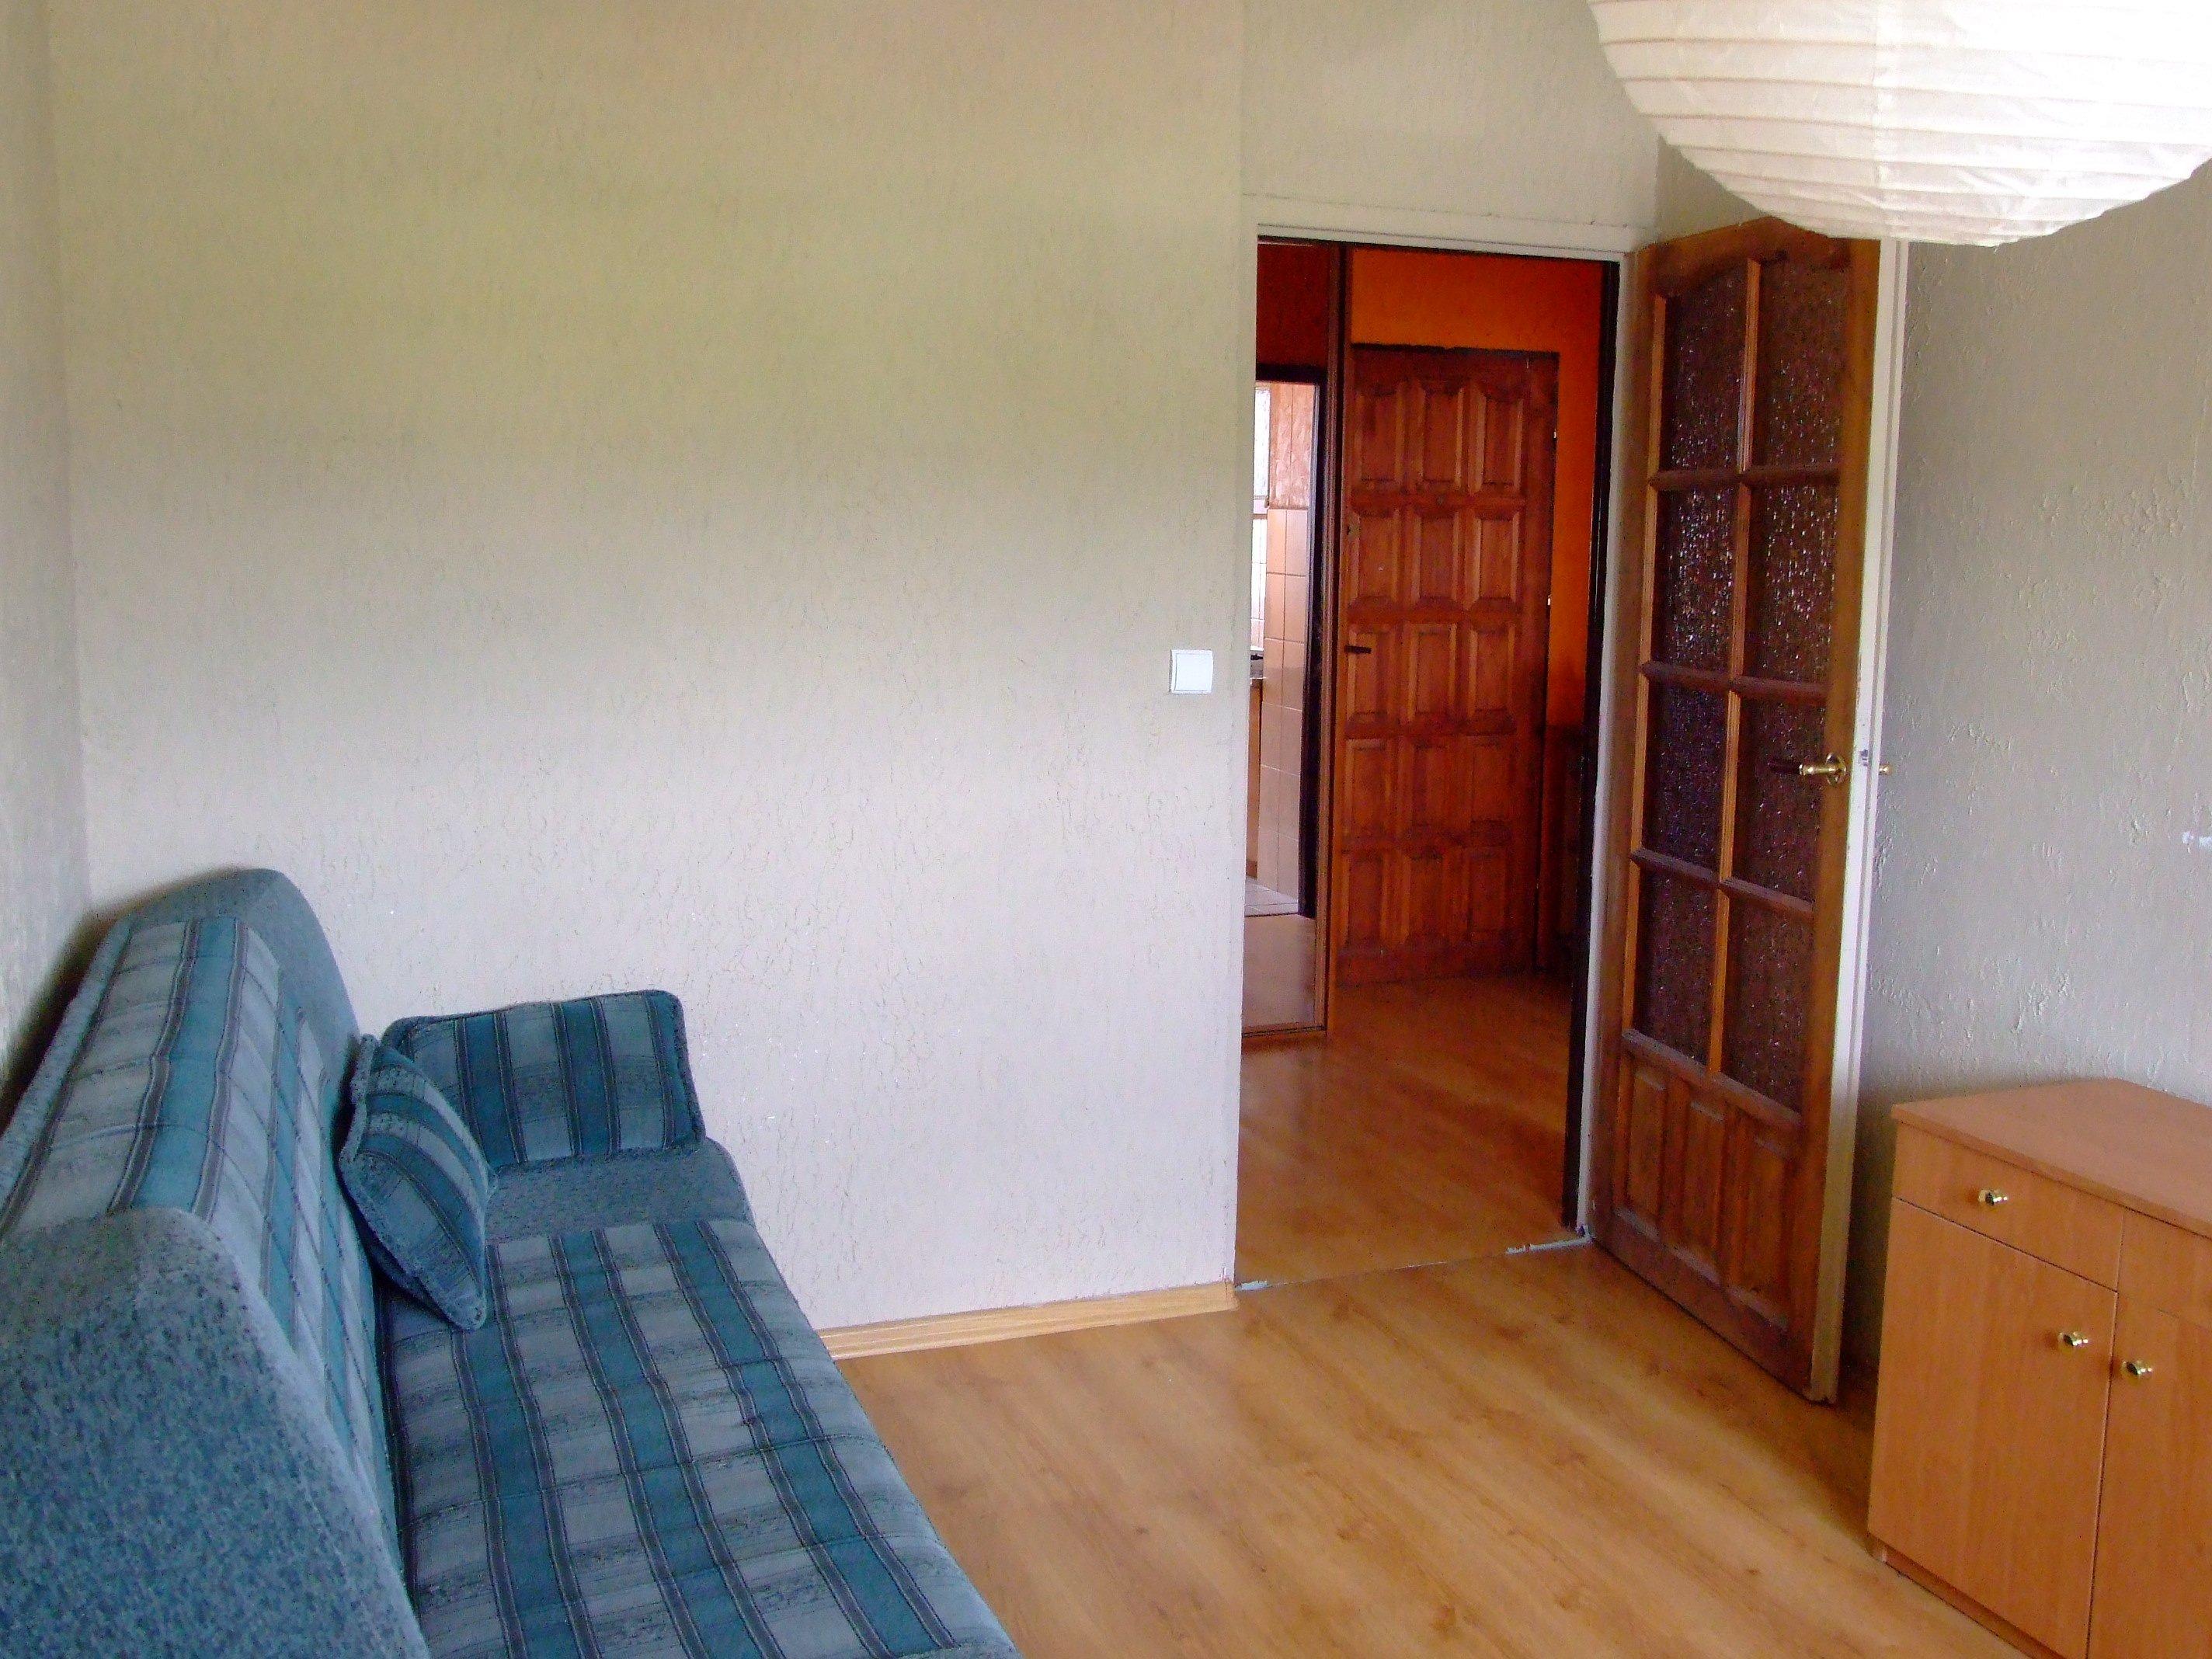 Mieszkanie 2 pokojowe do wynajęcia od zaraz.